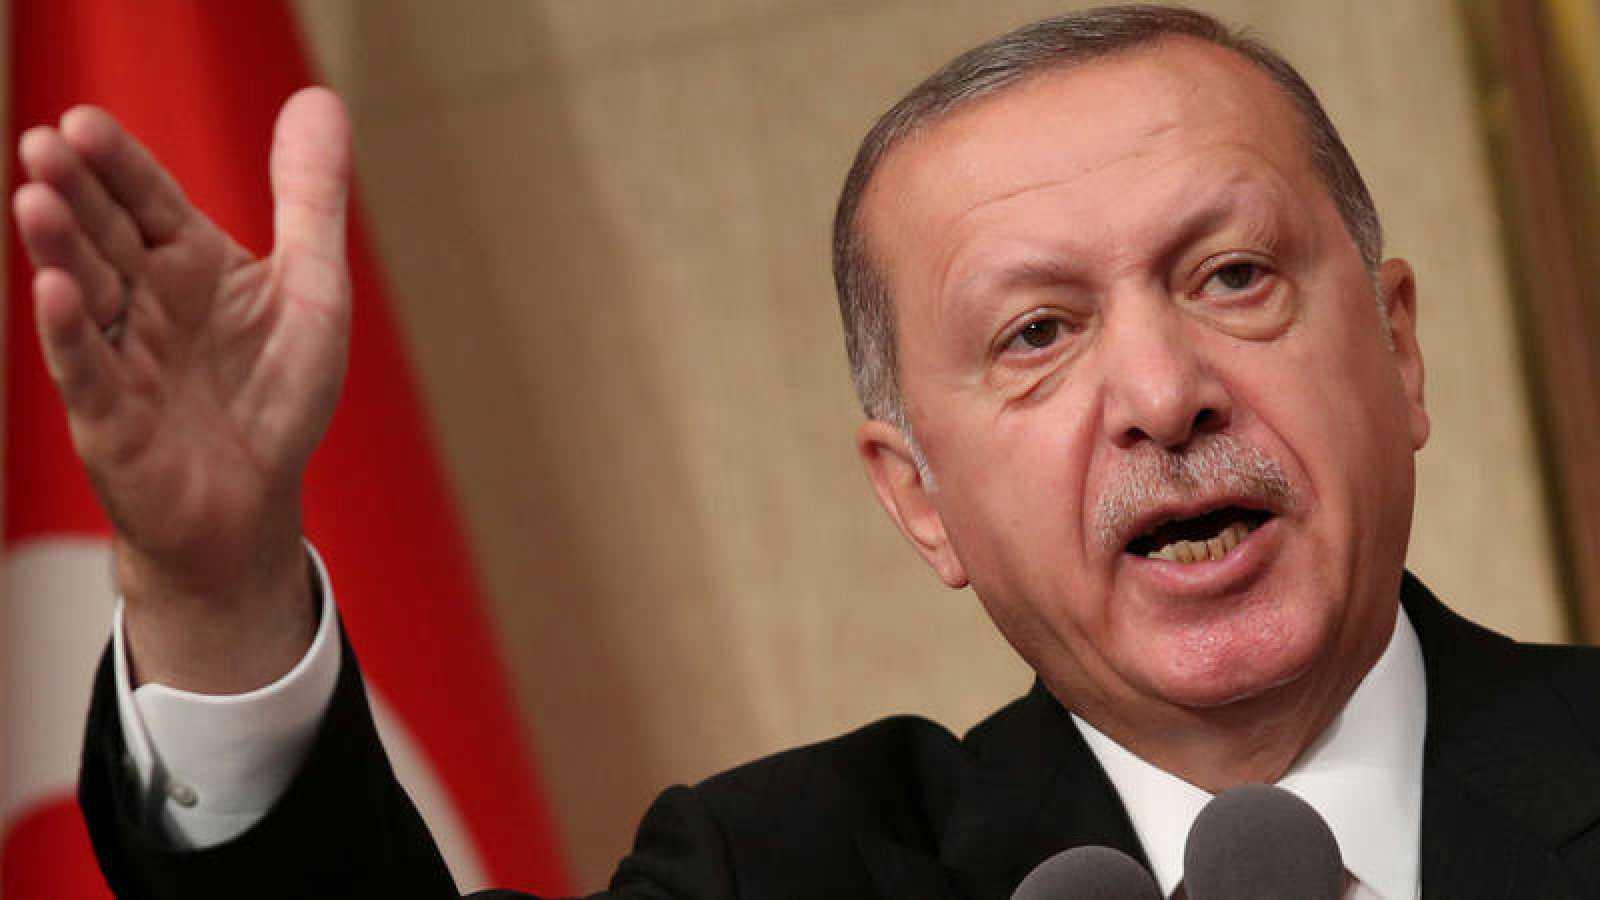 El presidente de Turquía, Recep Tayyip Erdogan, durante un discurso por el segundo aniversario del intento de golpe de Estado contra él